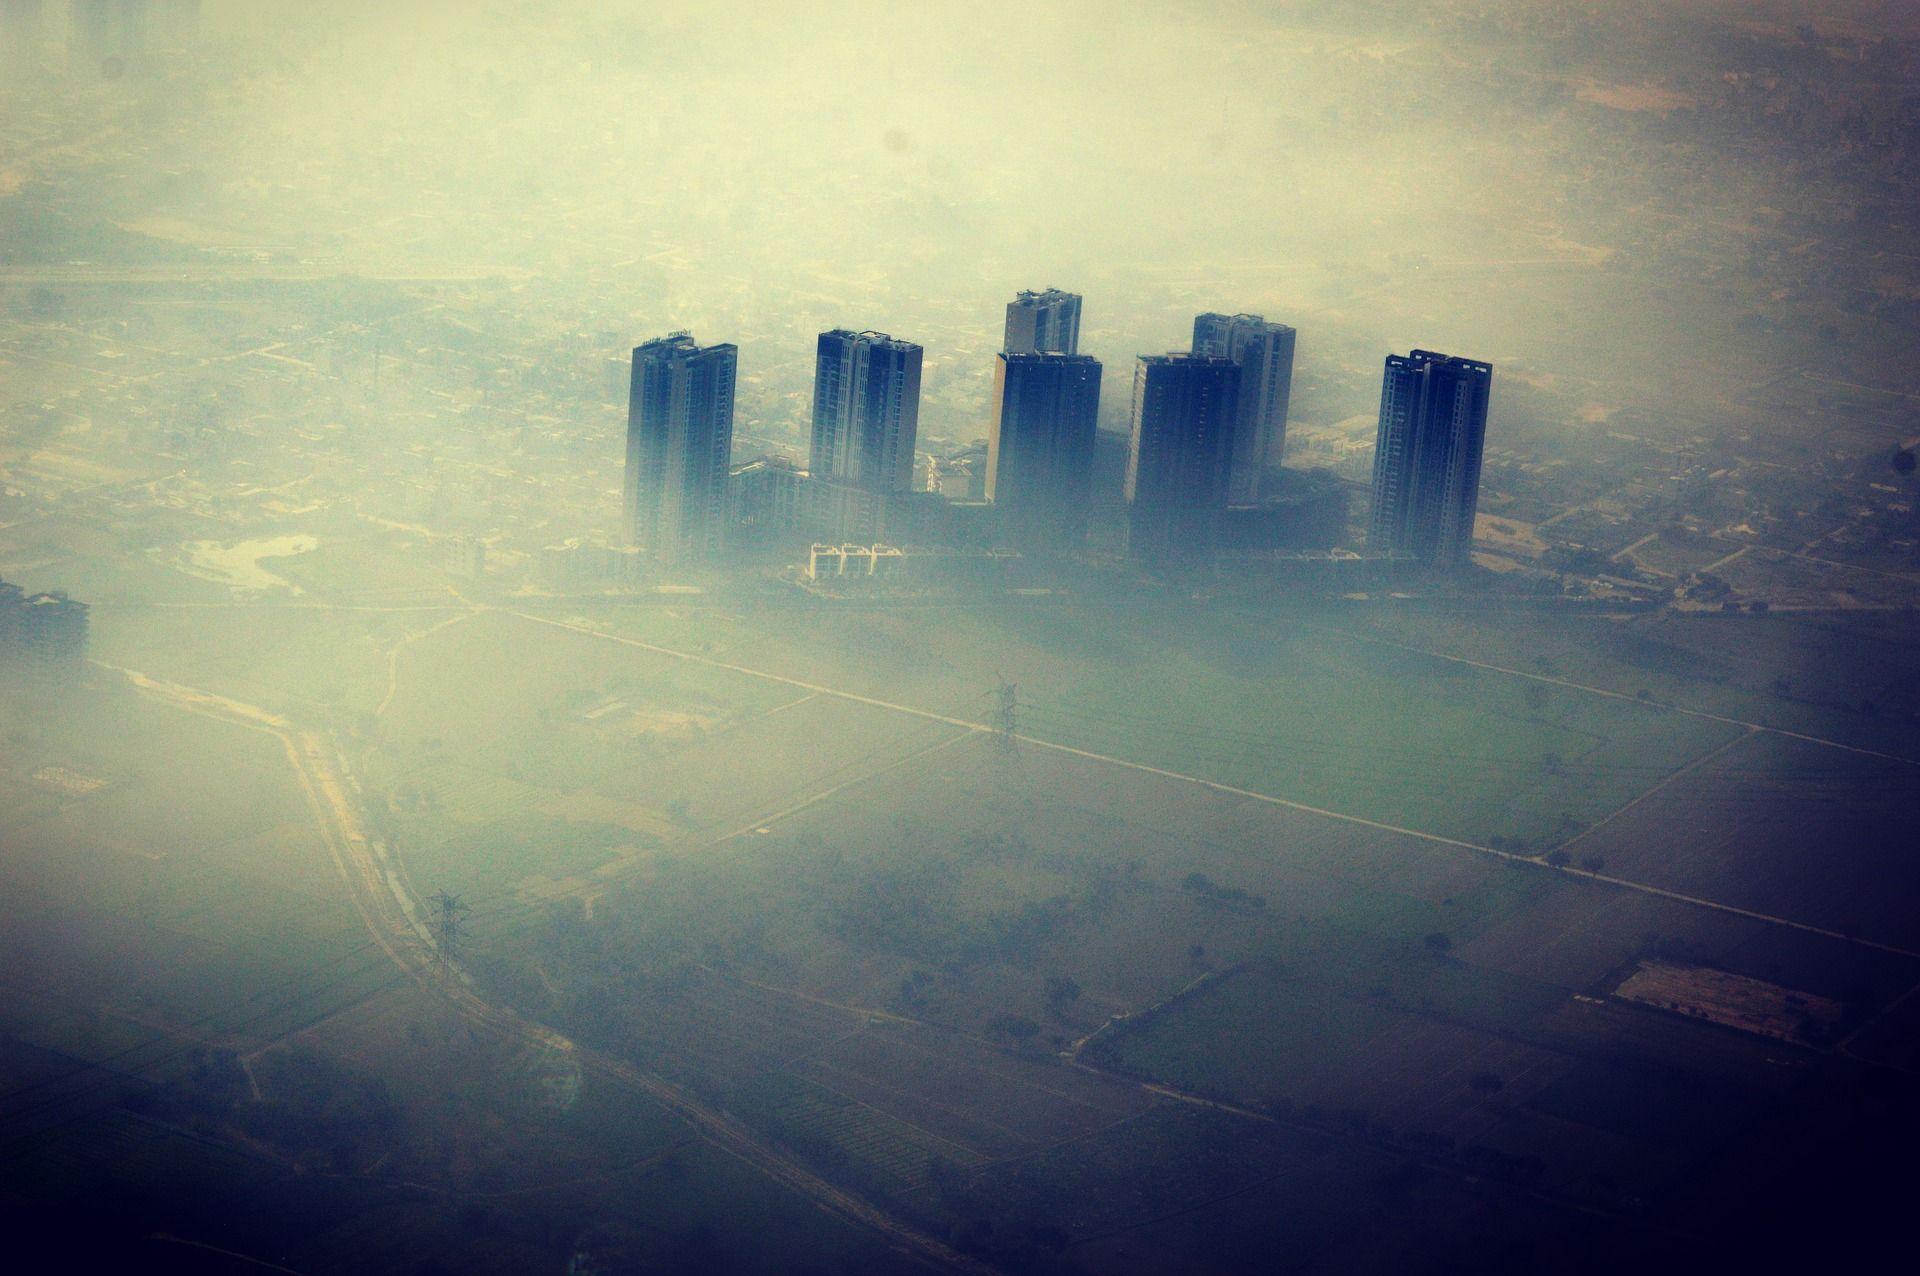 گرد و خاک و آلودگی هوا در شهر